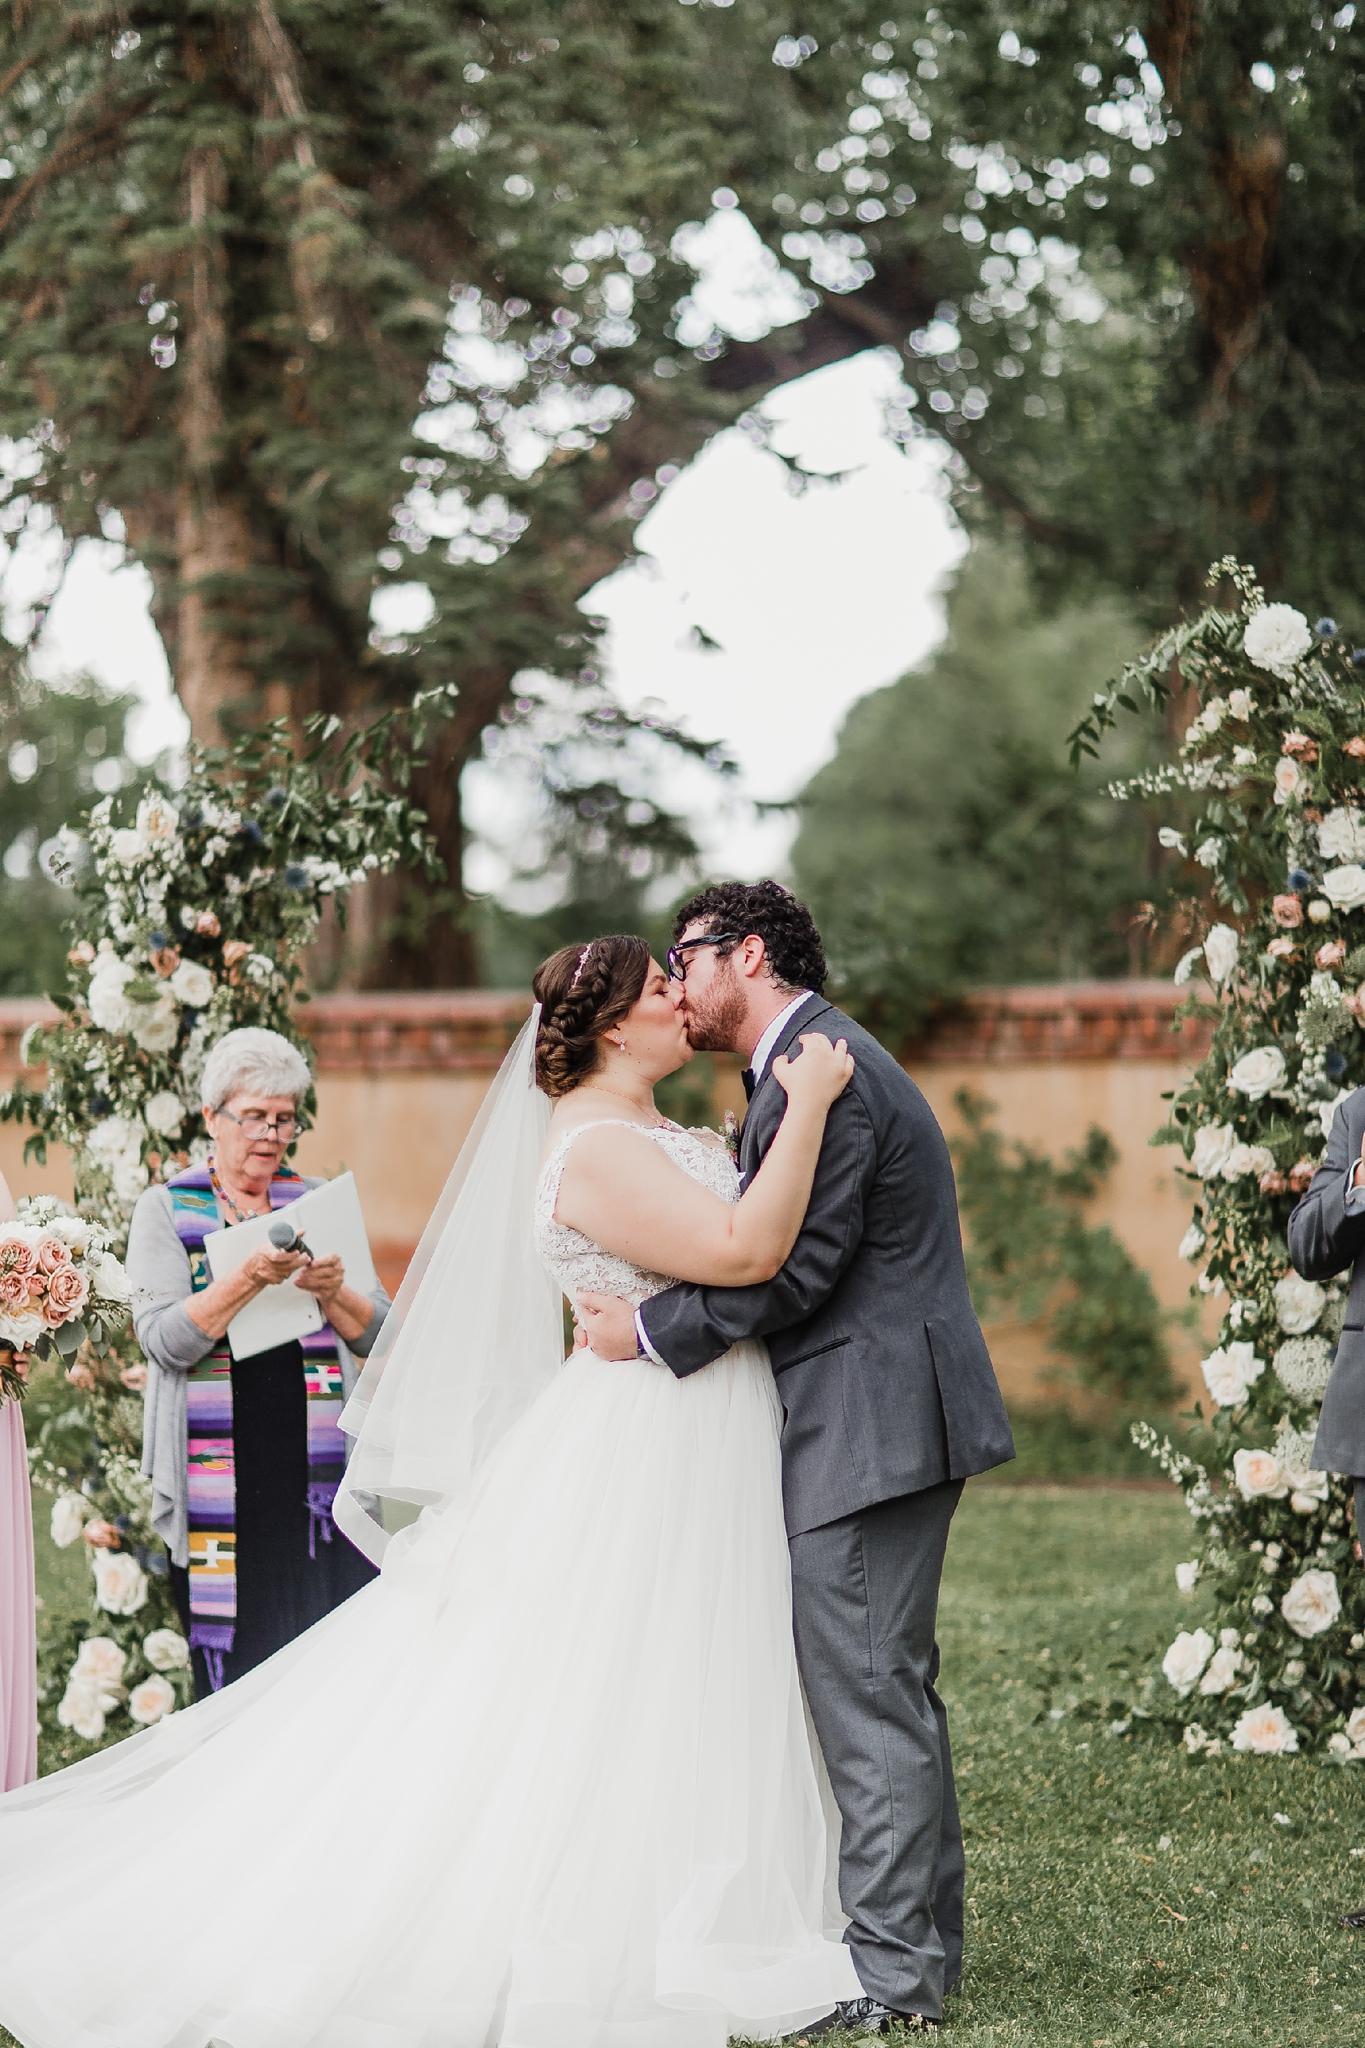 Alicia+lucia+photography+-+albuquerque+wedding+photographer+-+santa+fe+wedding+photography+-+new+mexico+wedding+photographer+-+new+mexico+wedding+-+summer+wedding+-+los+poblanos+wedding+-+albuquerque+wedding_0041.jpg